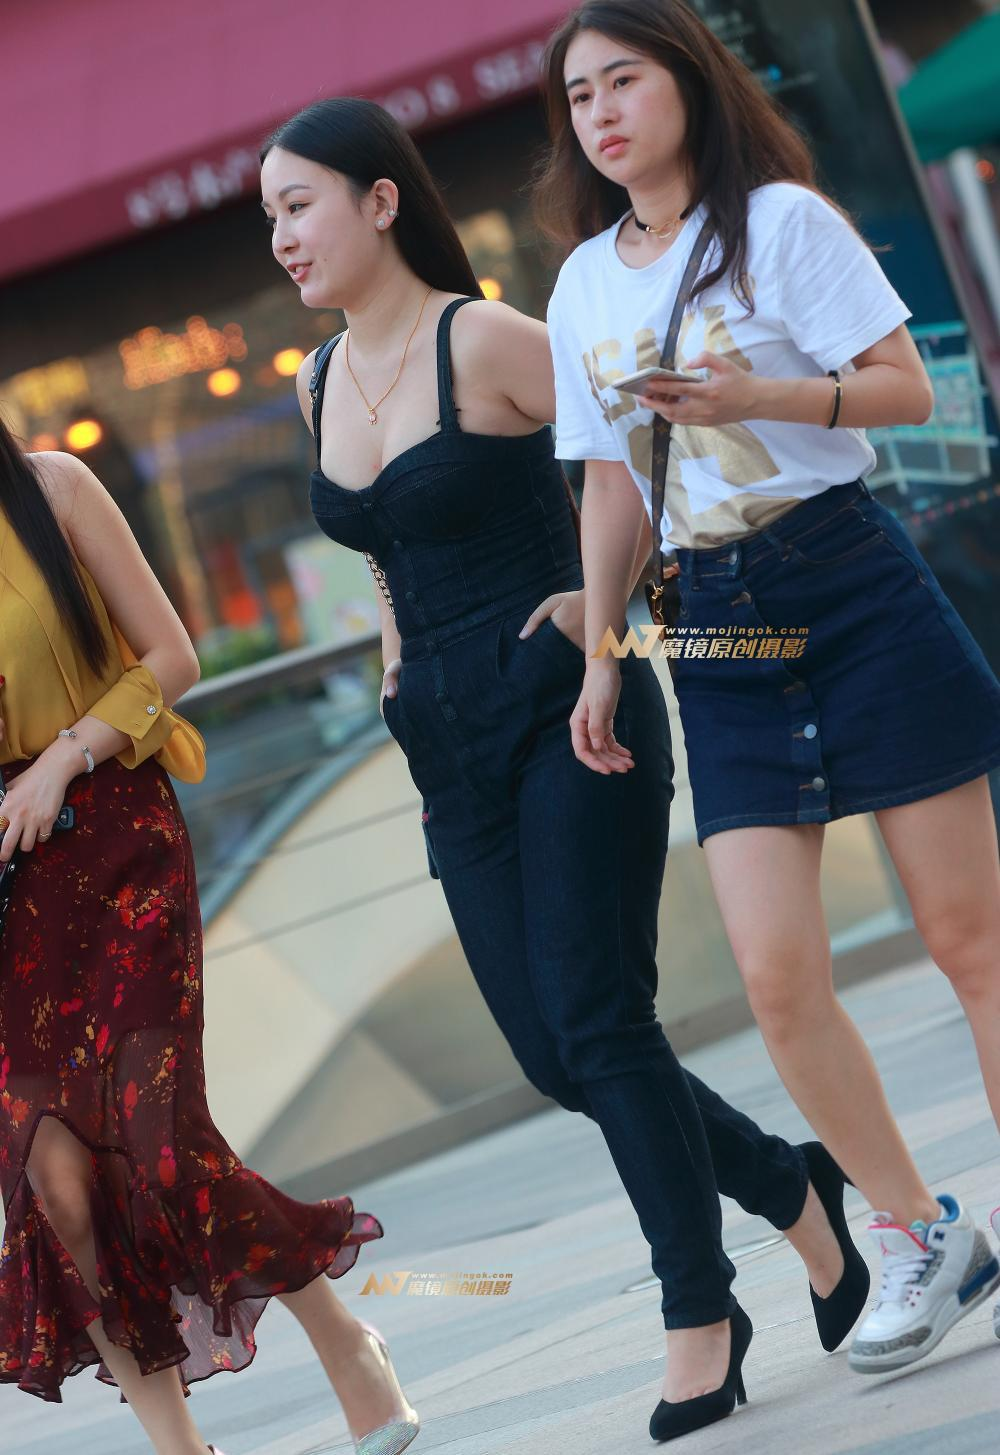 美少妇小?9?nkH_街拍720-性感黑丝连衣裤, 丰腴美少妇